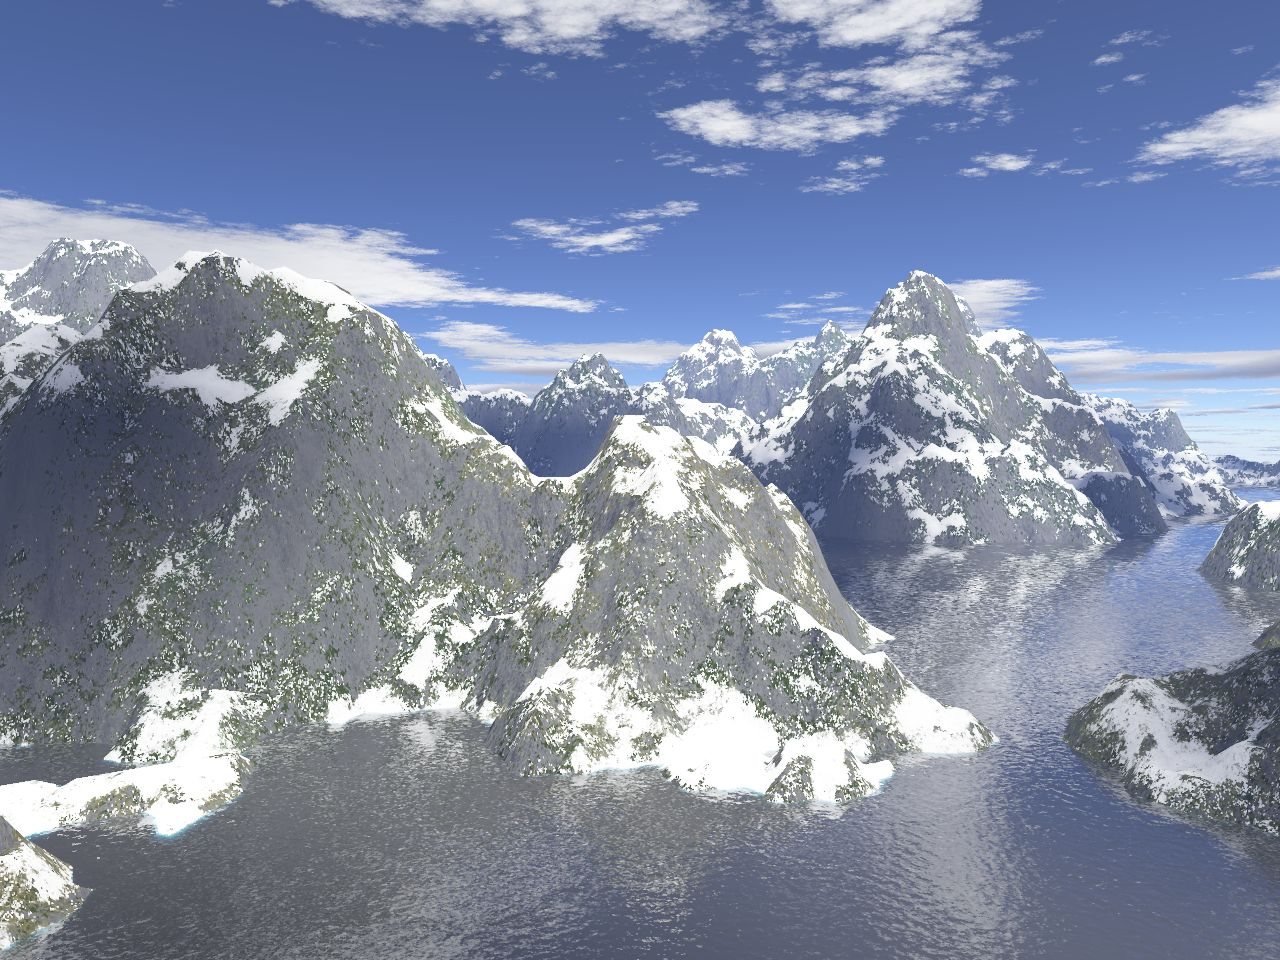 leds_Fractal_terrain_texture.jpg